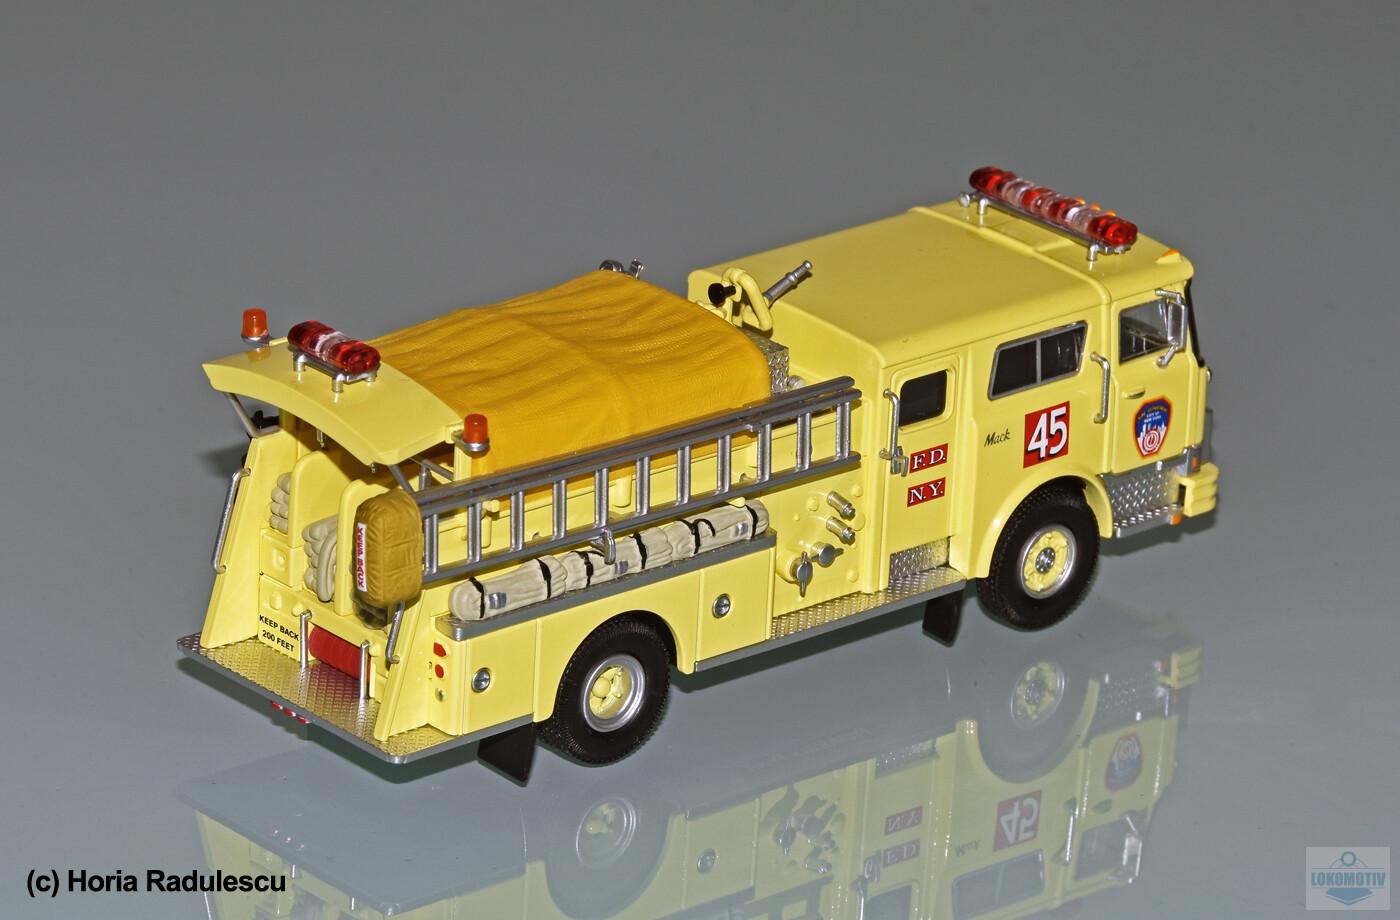 64-FDNY-Mack-CF-Kermit-45-2b55171a9878455ca.jpg